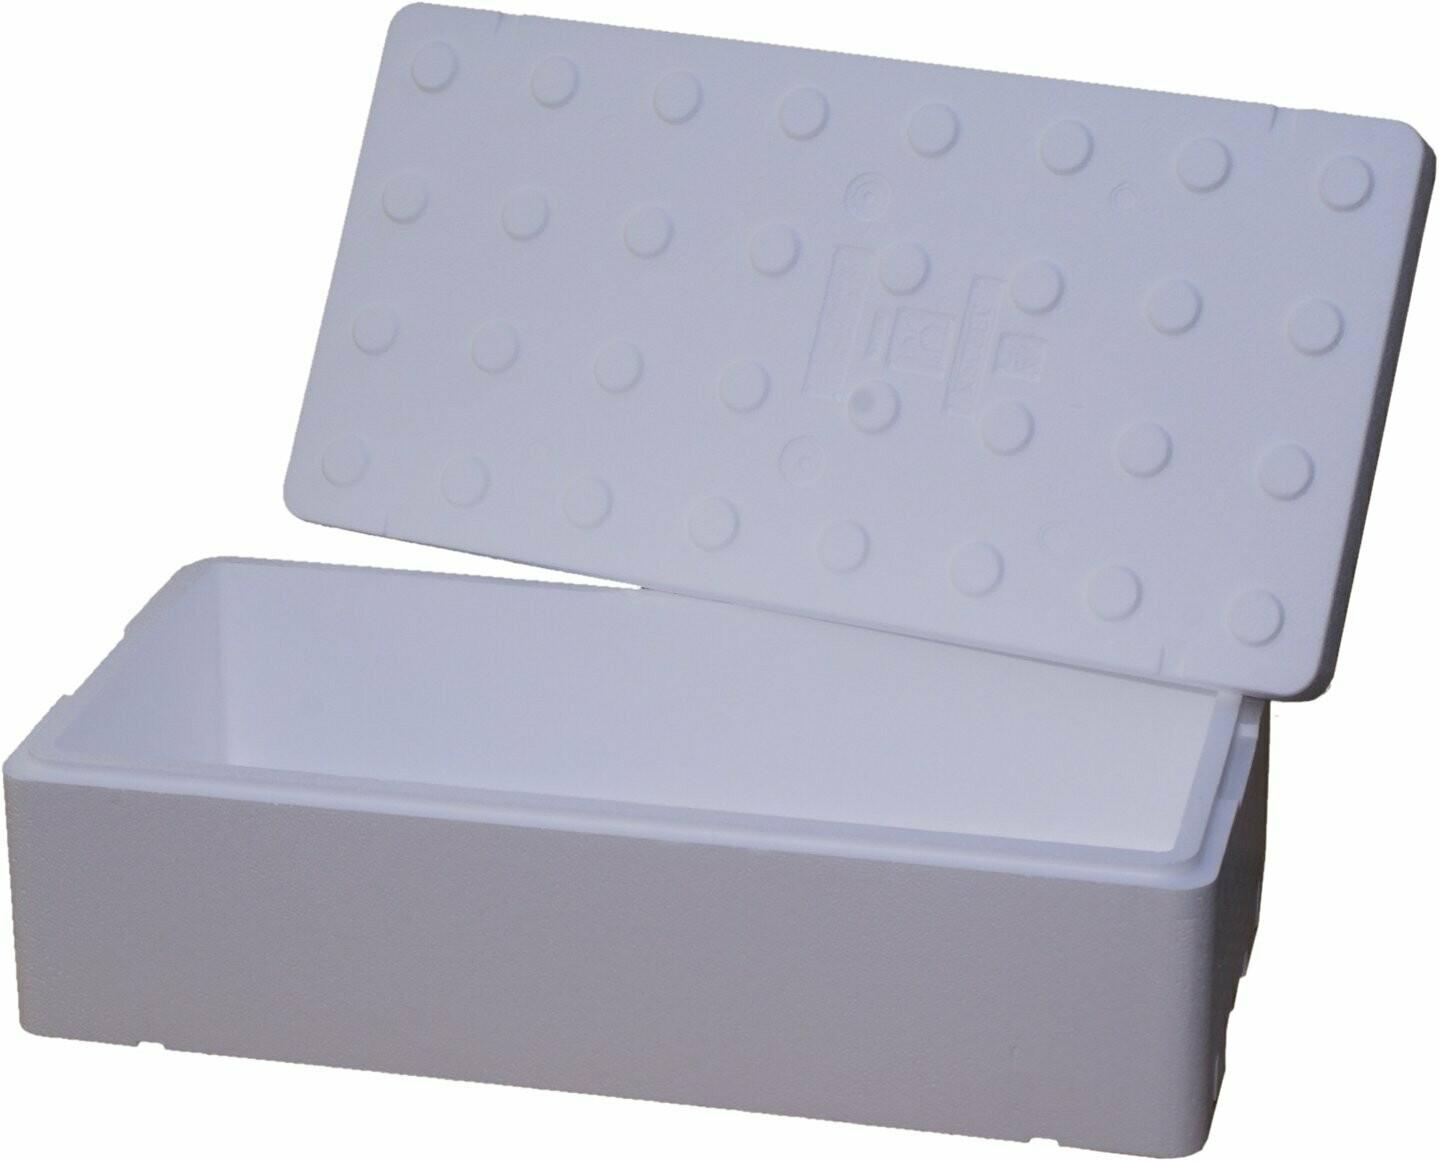 FB2500 pudełko styropianowe 80x40x32 63 litrów biały